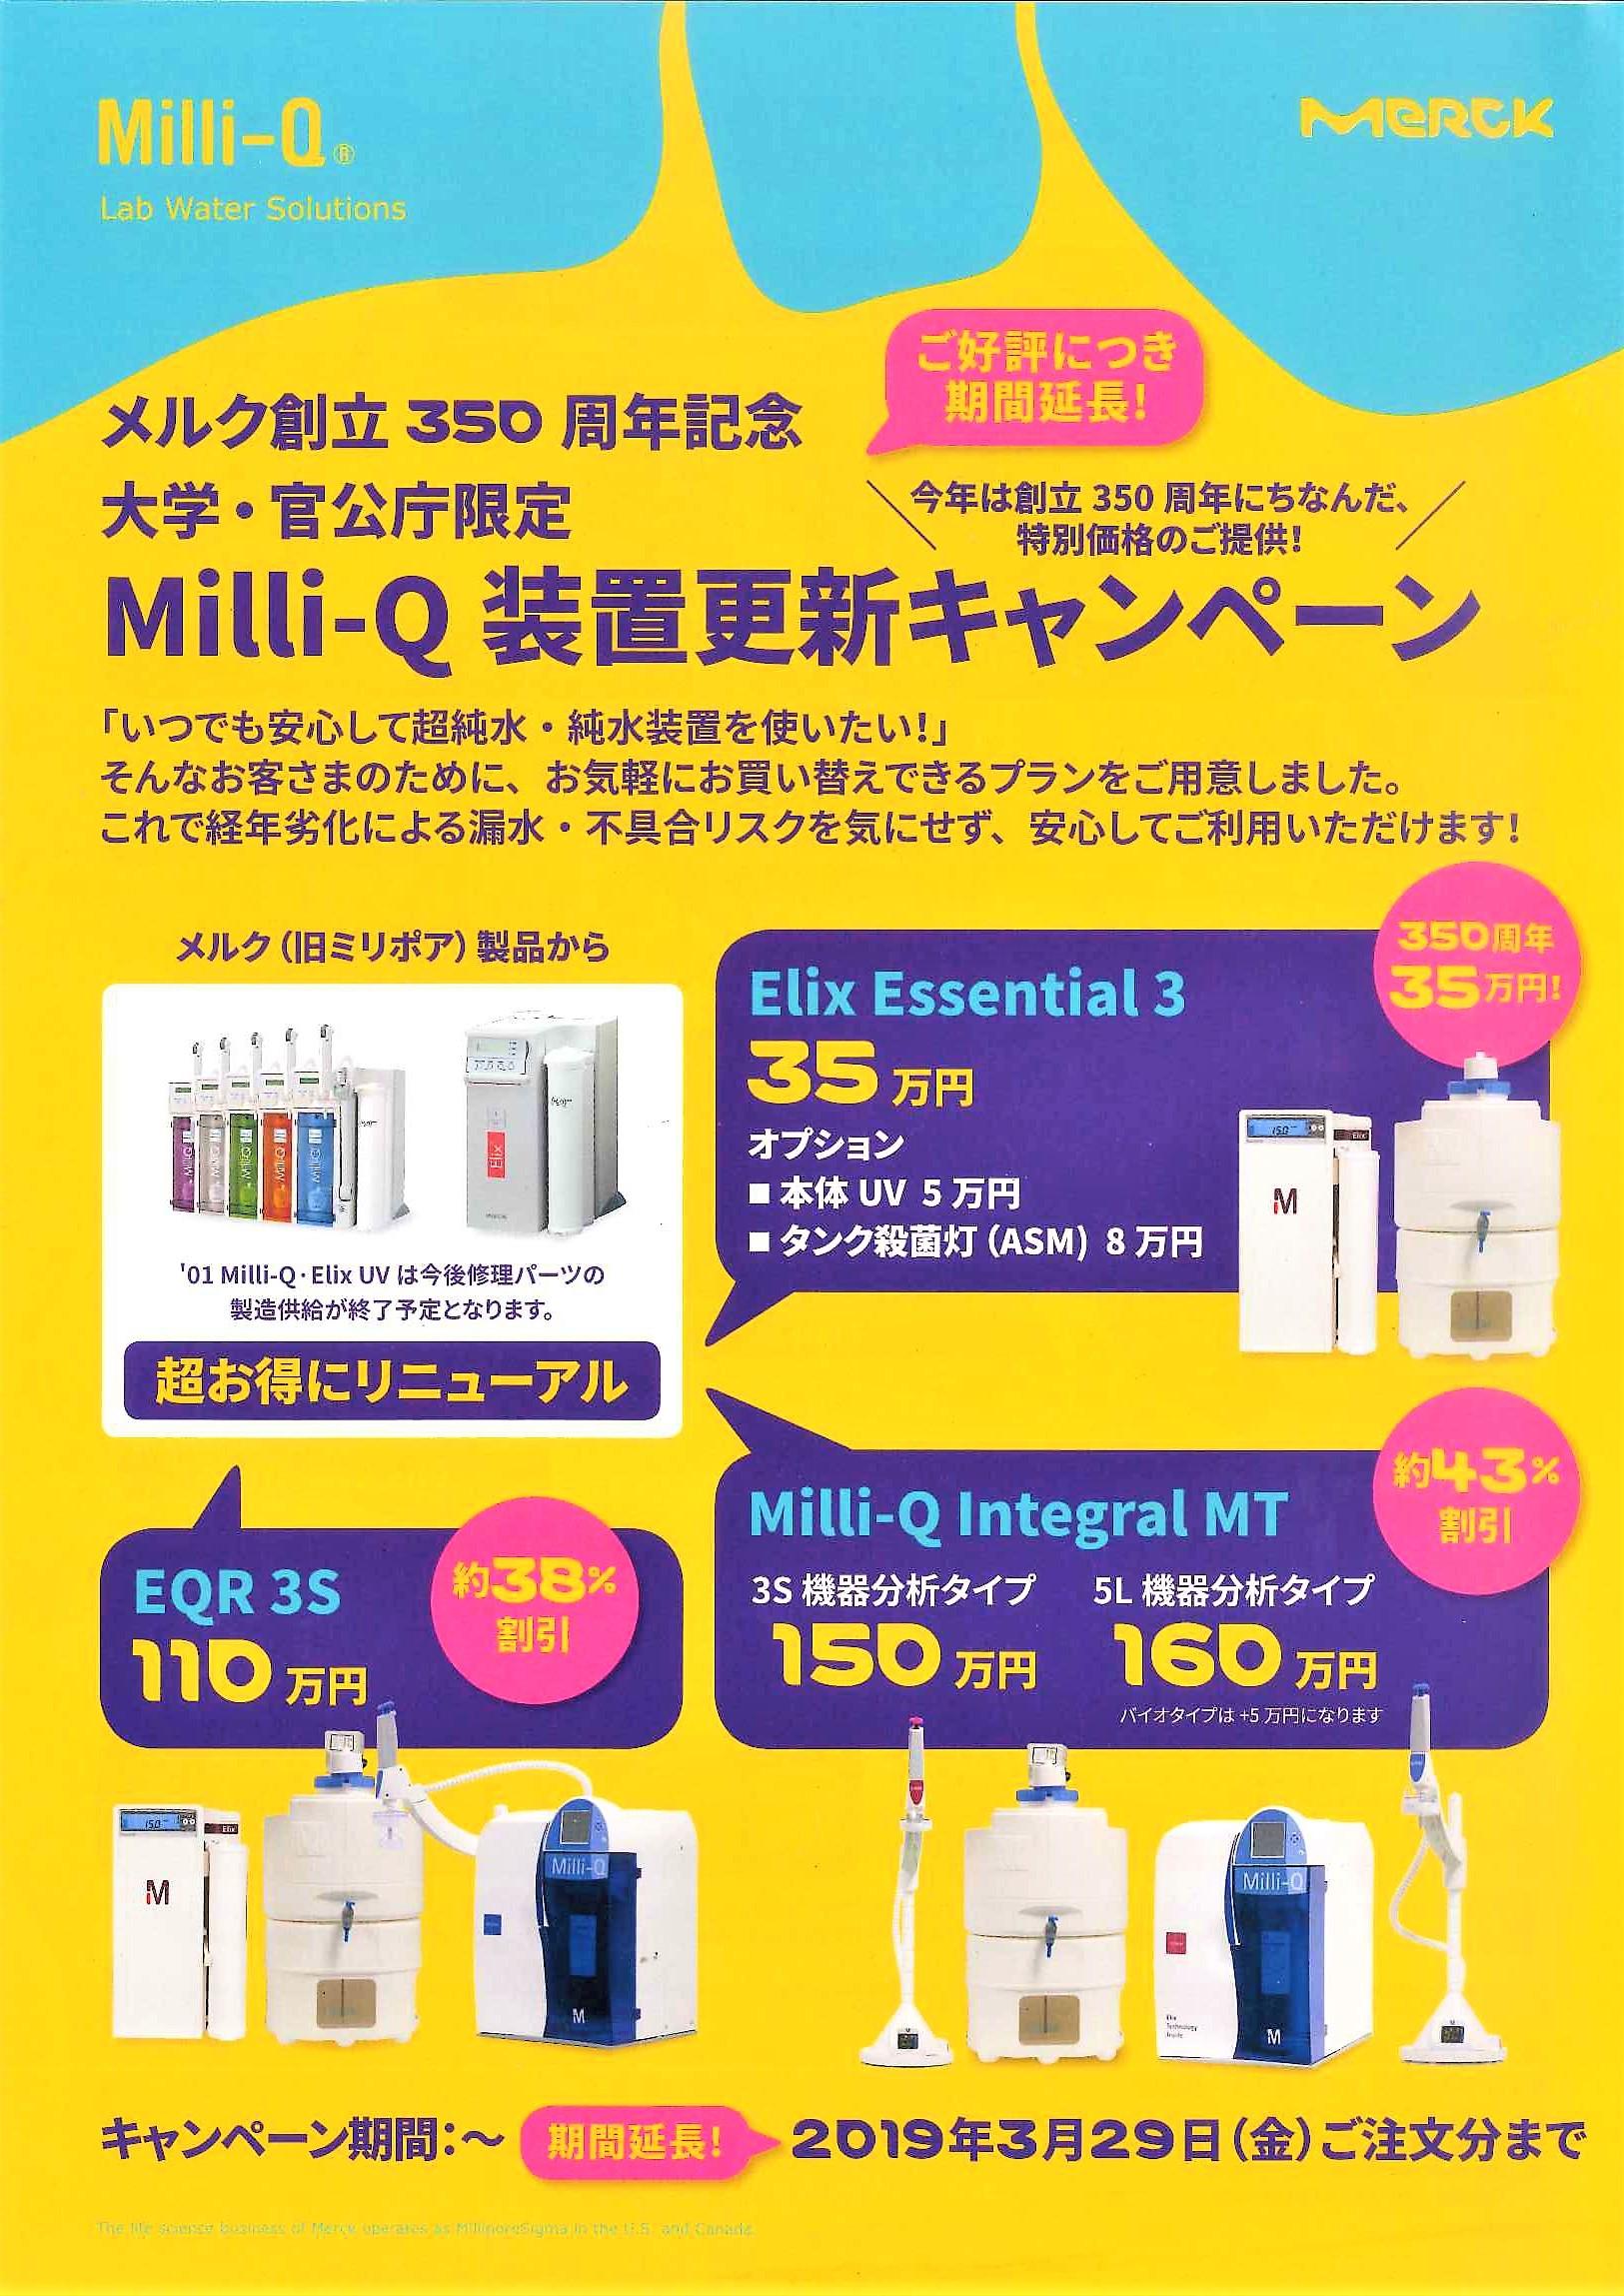 メルク創立350周年記念 大学・公官庁限定 MilliQ装置更新キャンペーン!